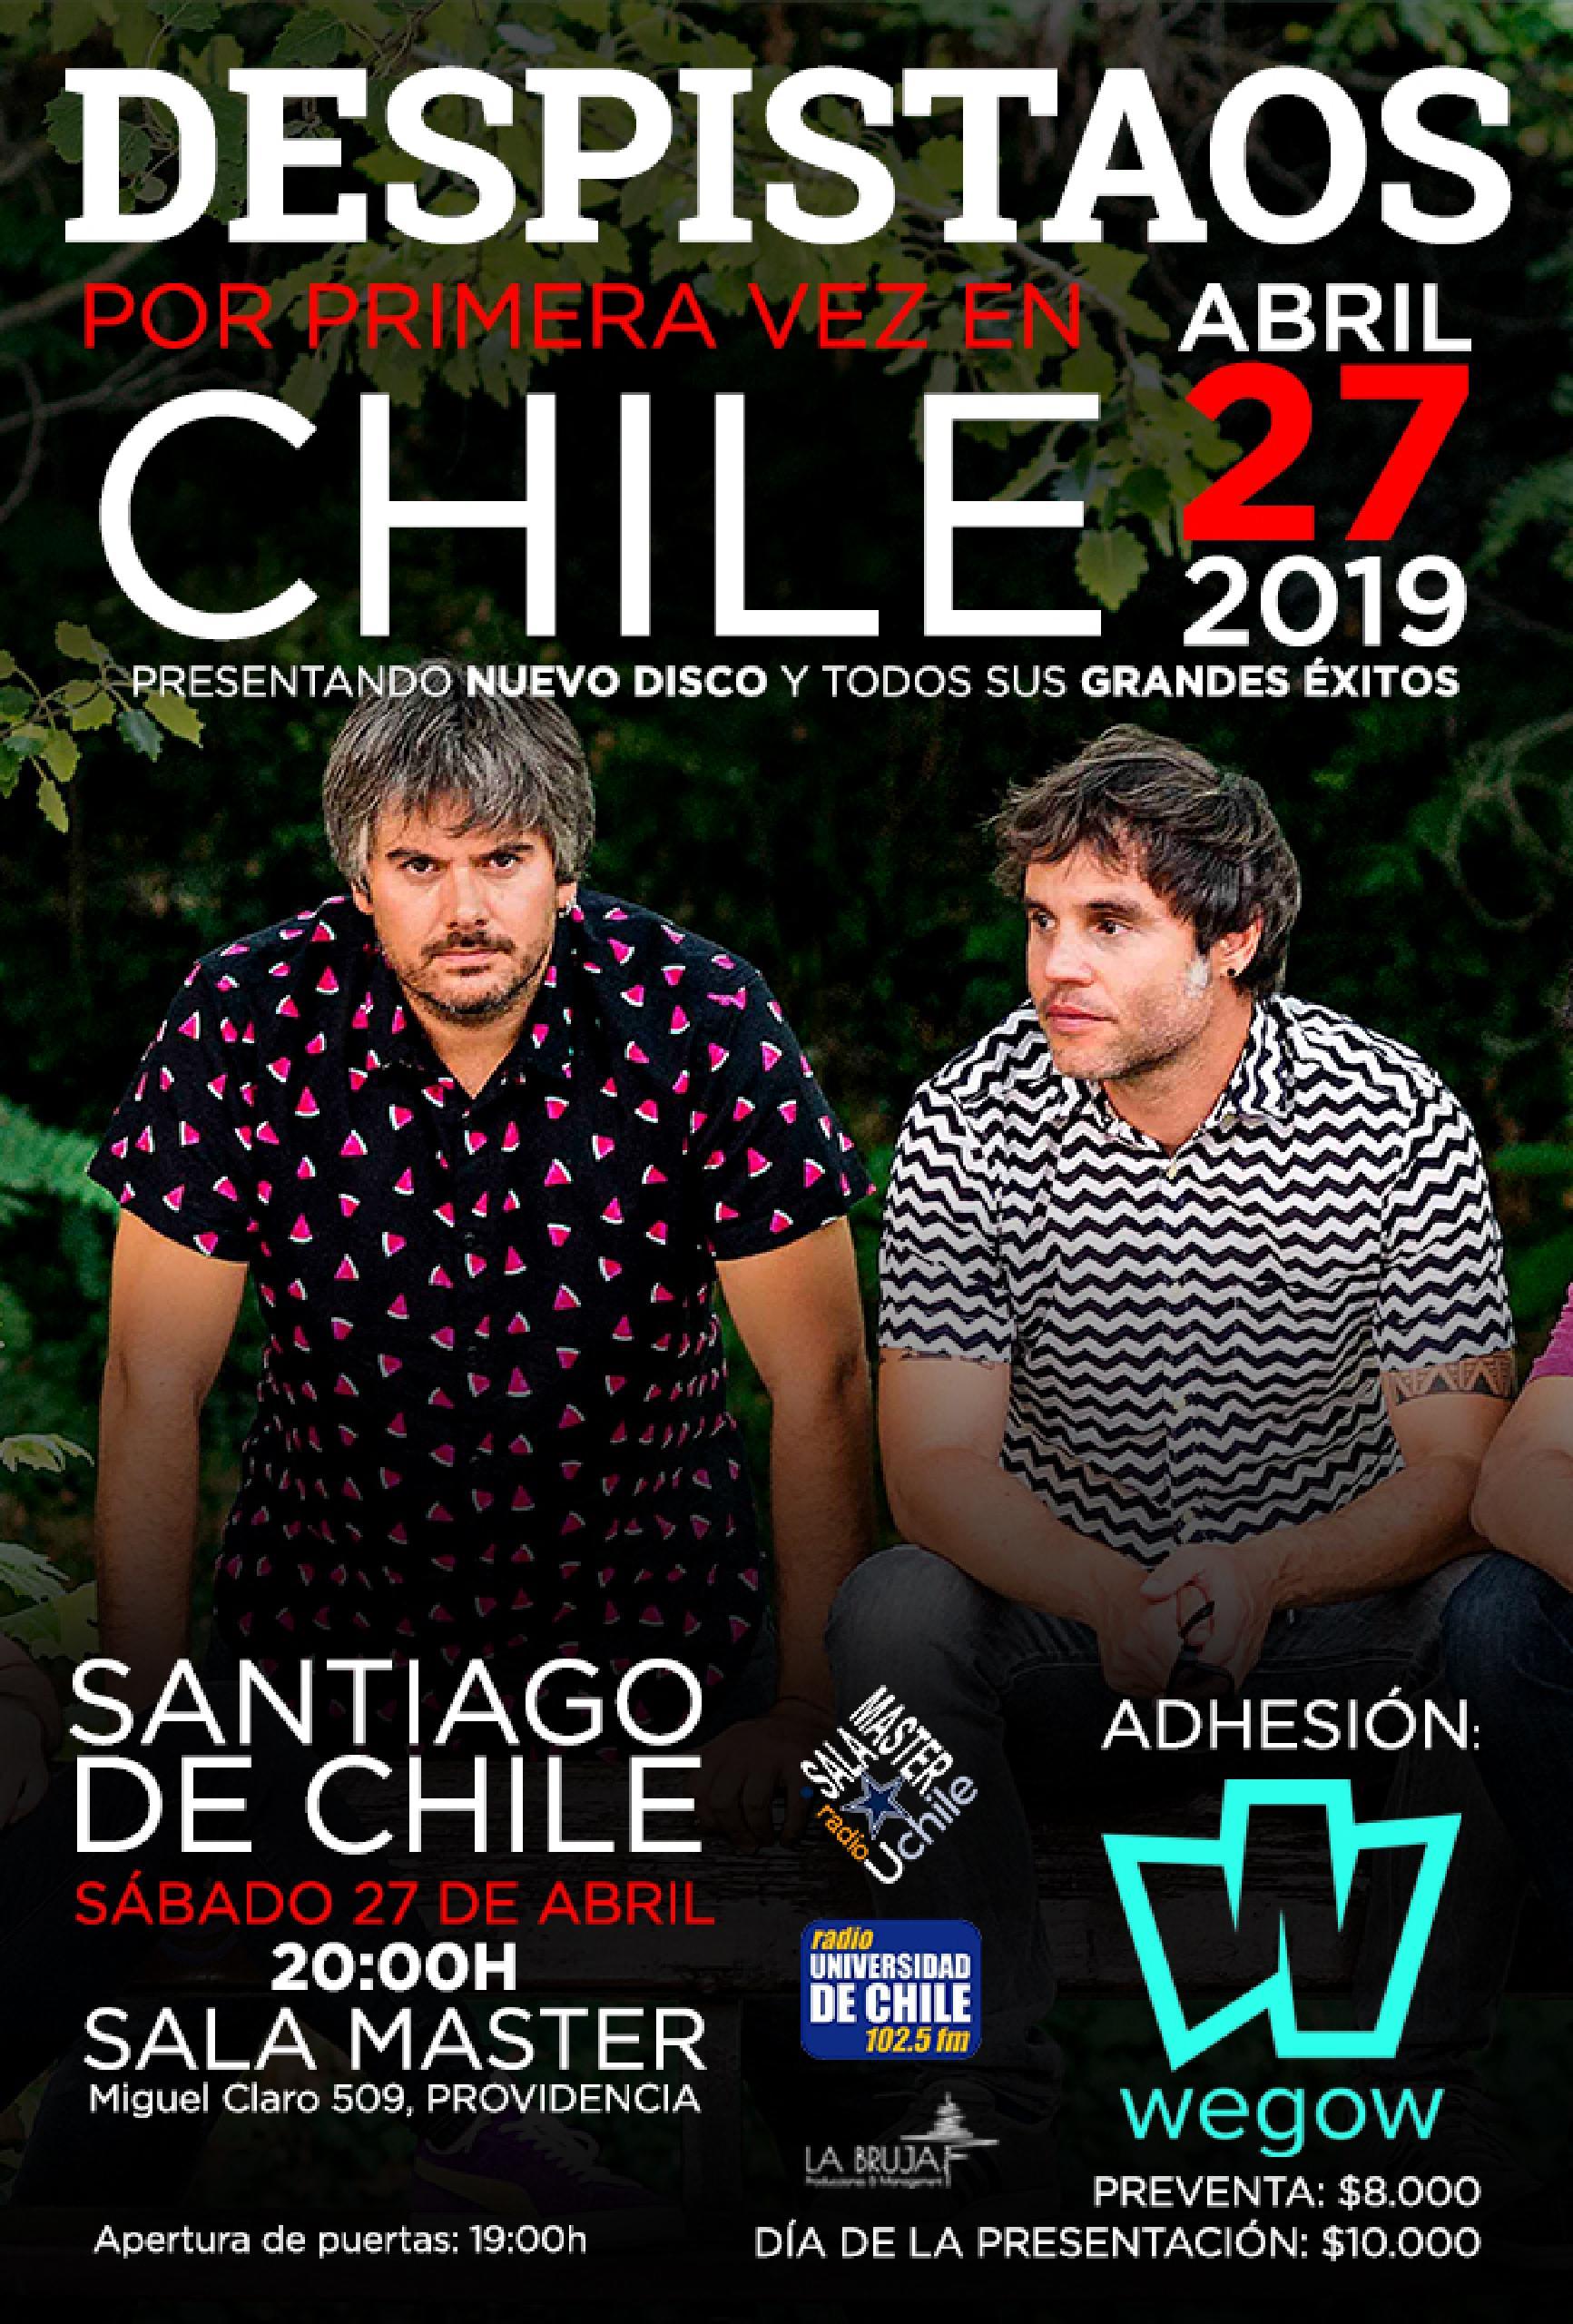 Despistaos en Chile